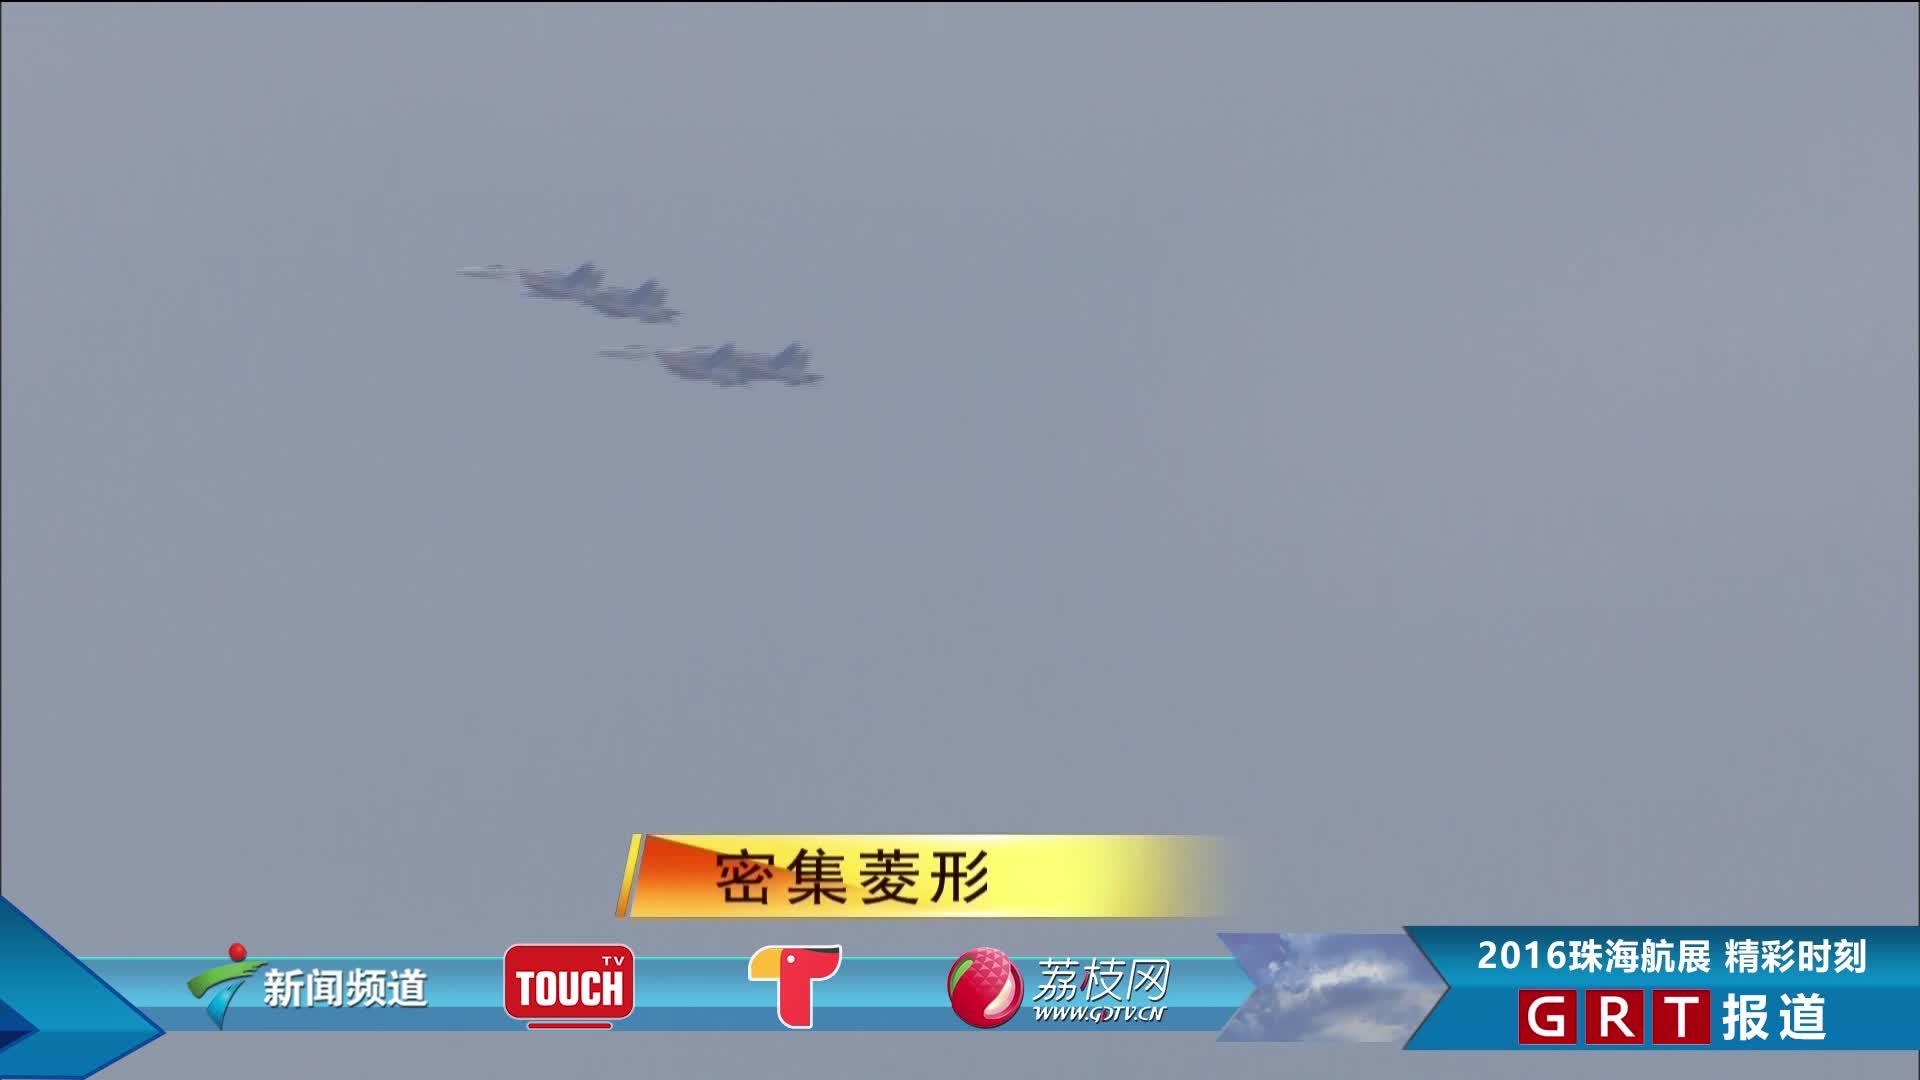 【航展精彩时刻】看,雨燕和勇士在空中开出很多花!